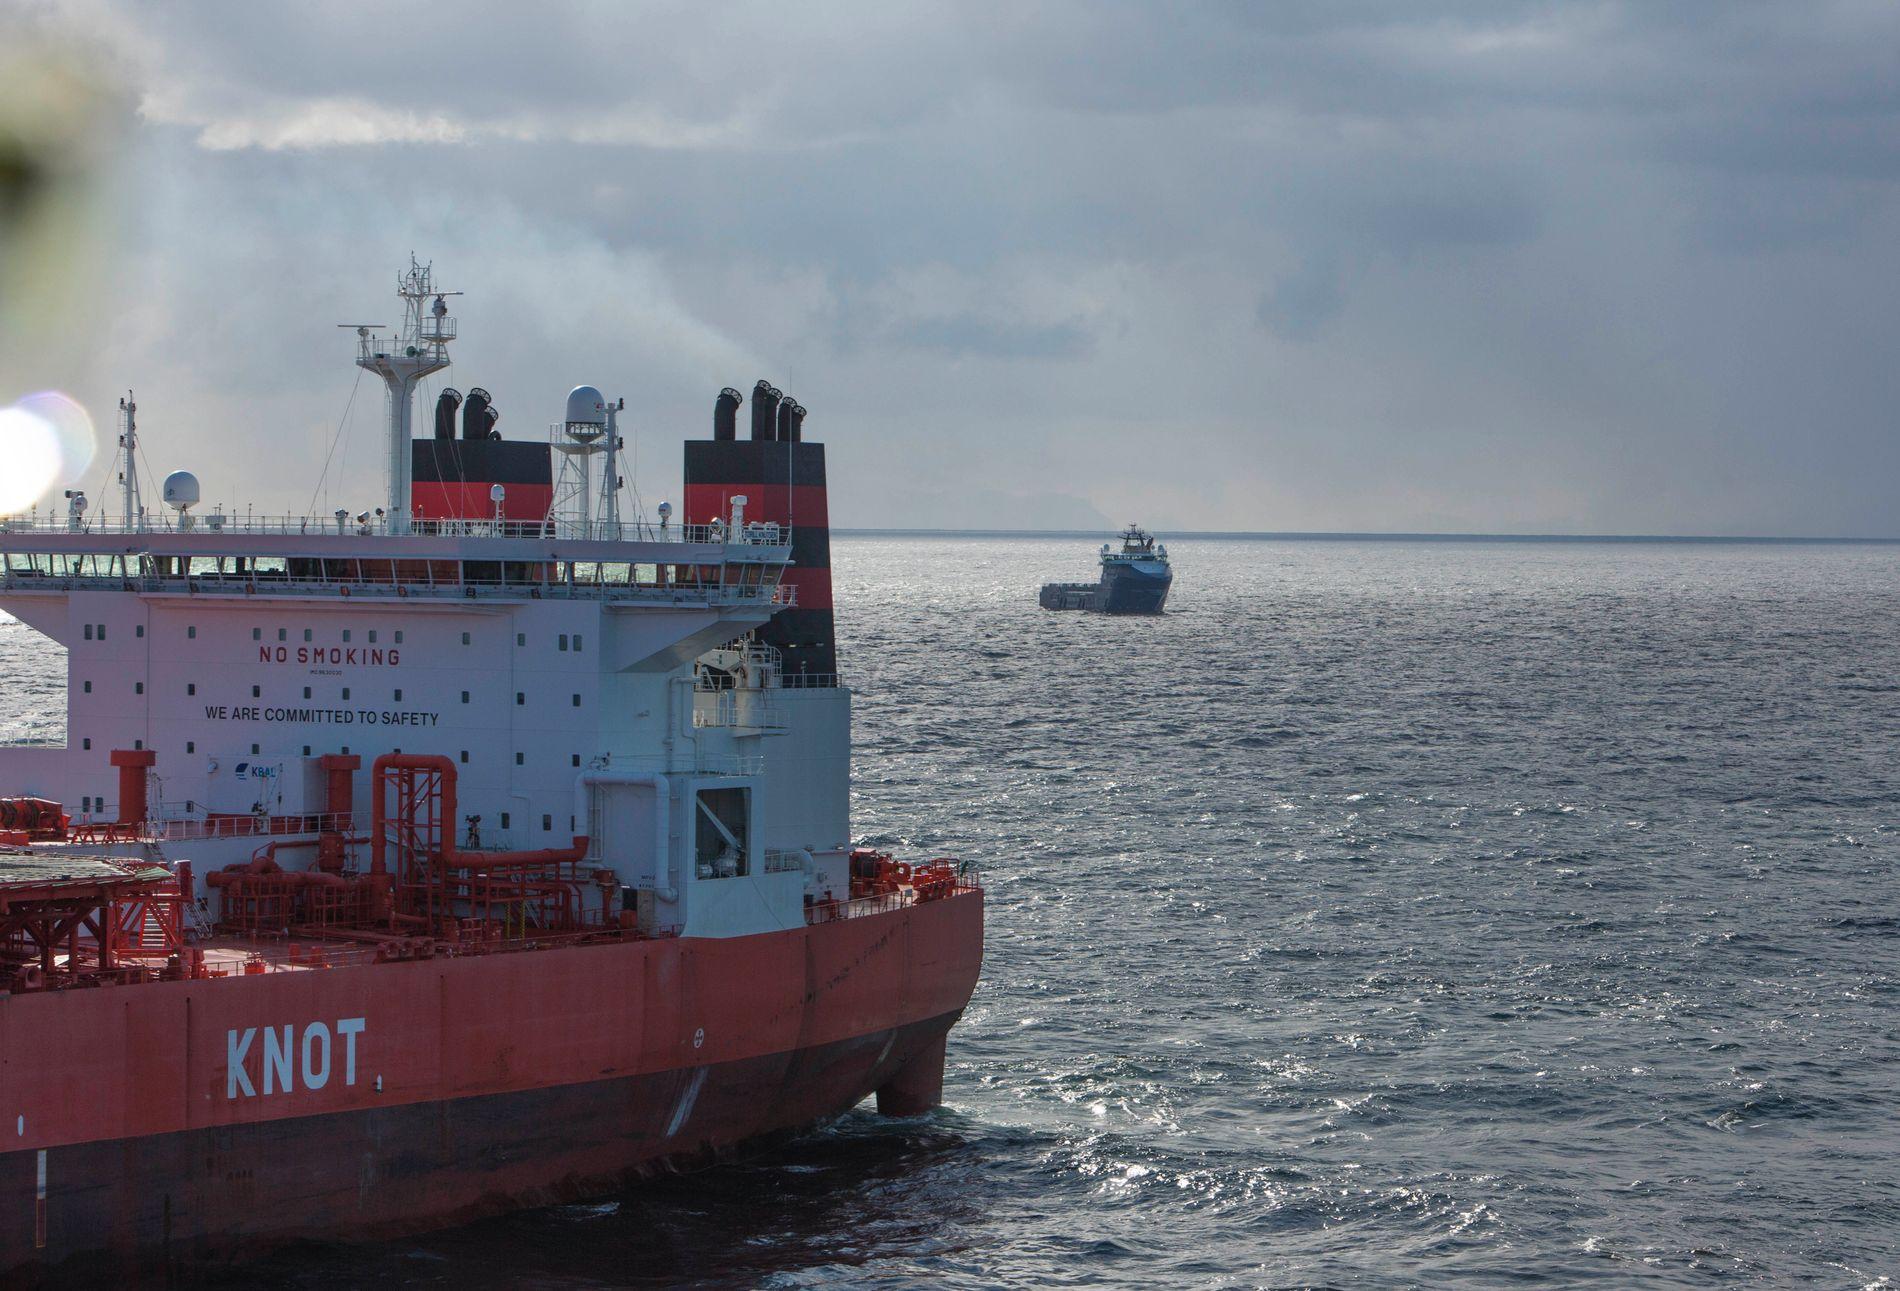 SAKSØKER: Tankeren Torill Knutsen laster olje fra Goliat-feltet i Barentshavet. Greenpeace og Natur og Ungdom saksøker nå staten for å ha åpnet nye felt Barentshavet for oljevirksomhet. De mener det er i strid med Grunnlovens miljøparagraf.